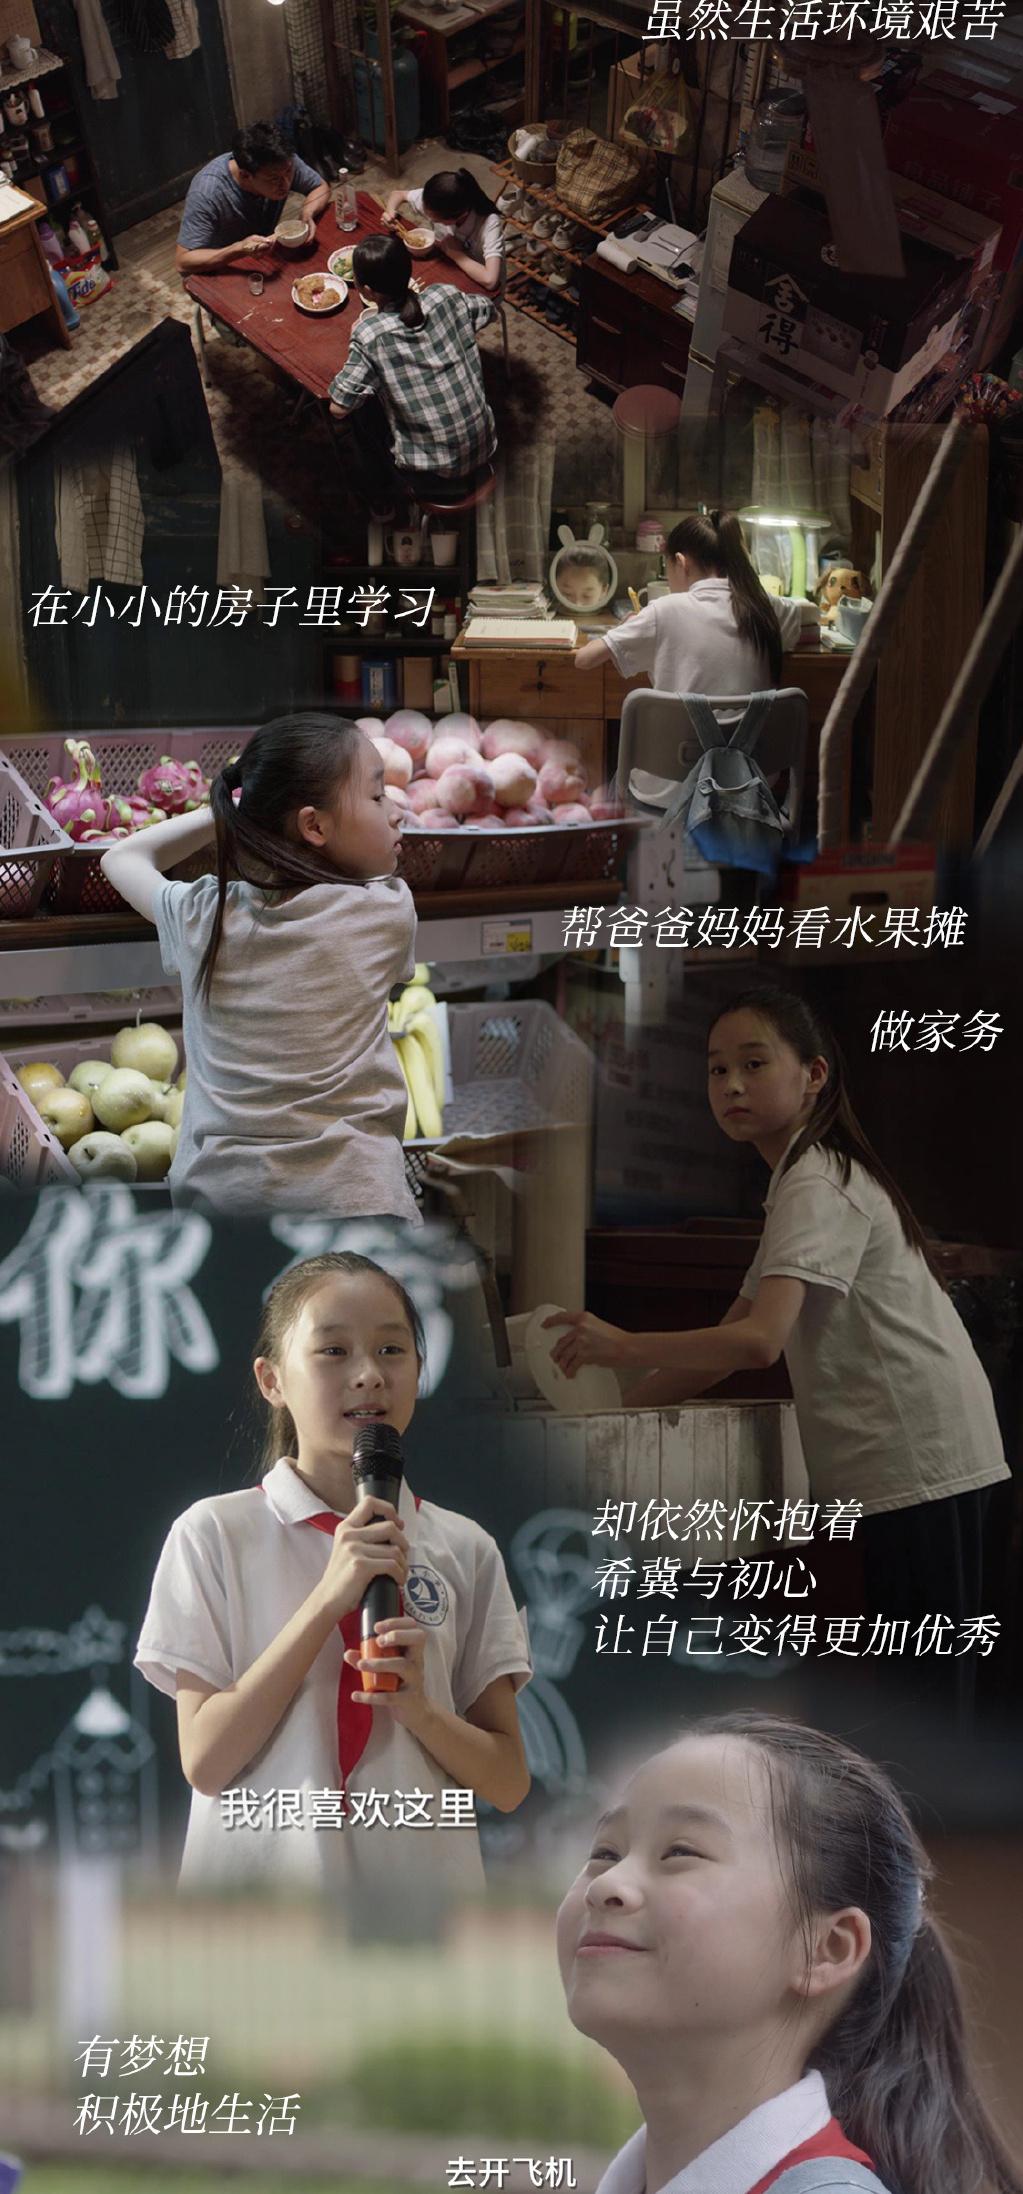 """《小舍得》大结局:四个孩子获得快乐童年,唯有一人成""""大赢家"""""""